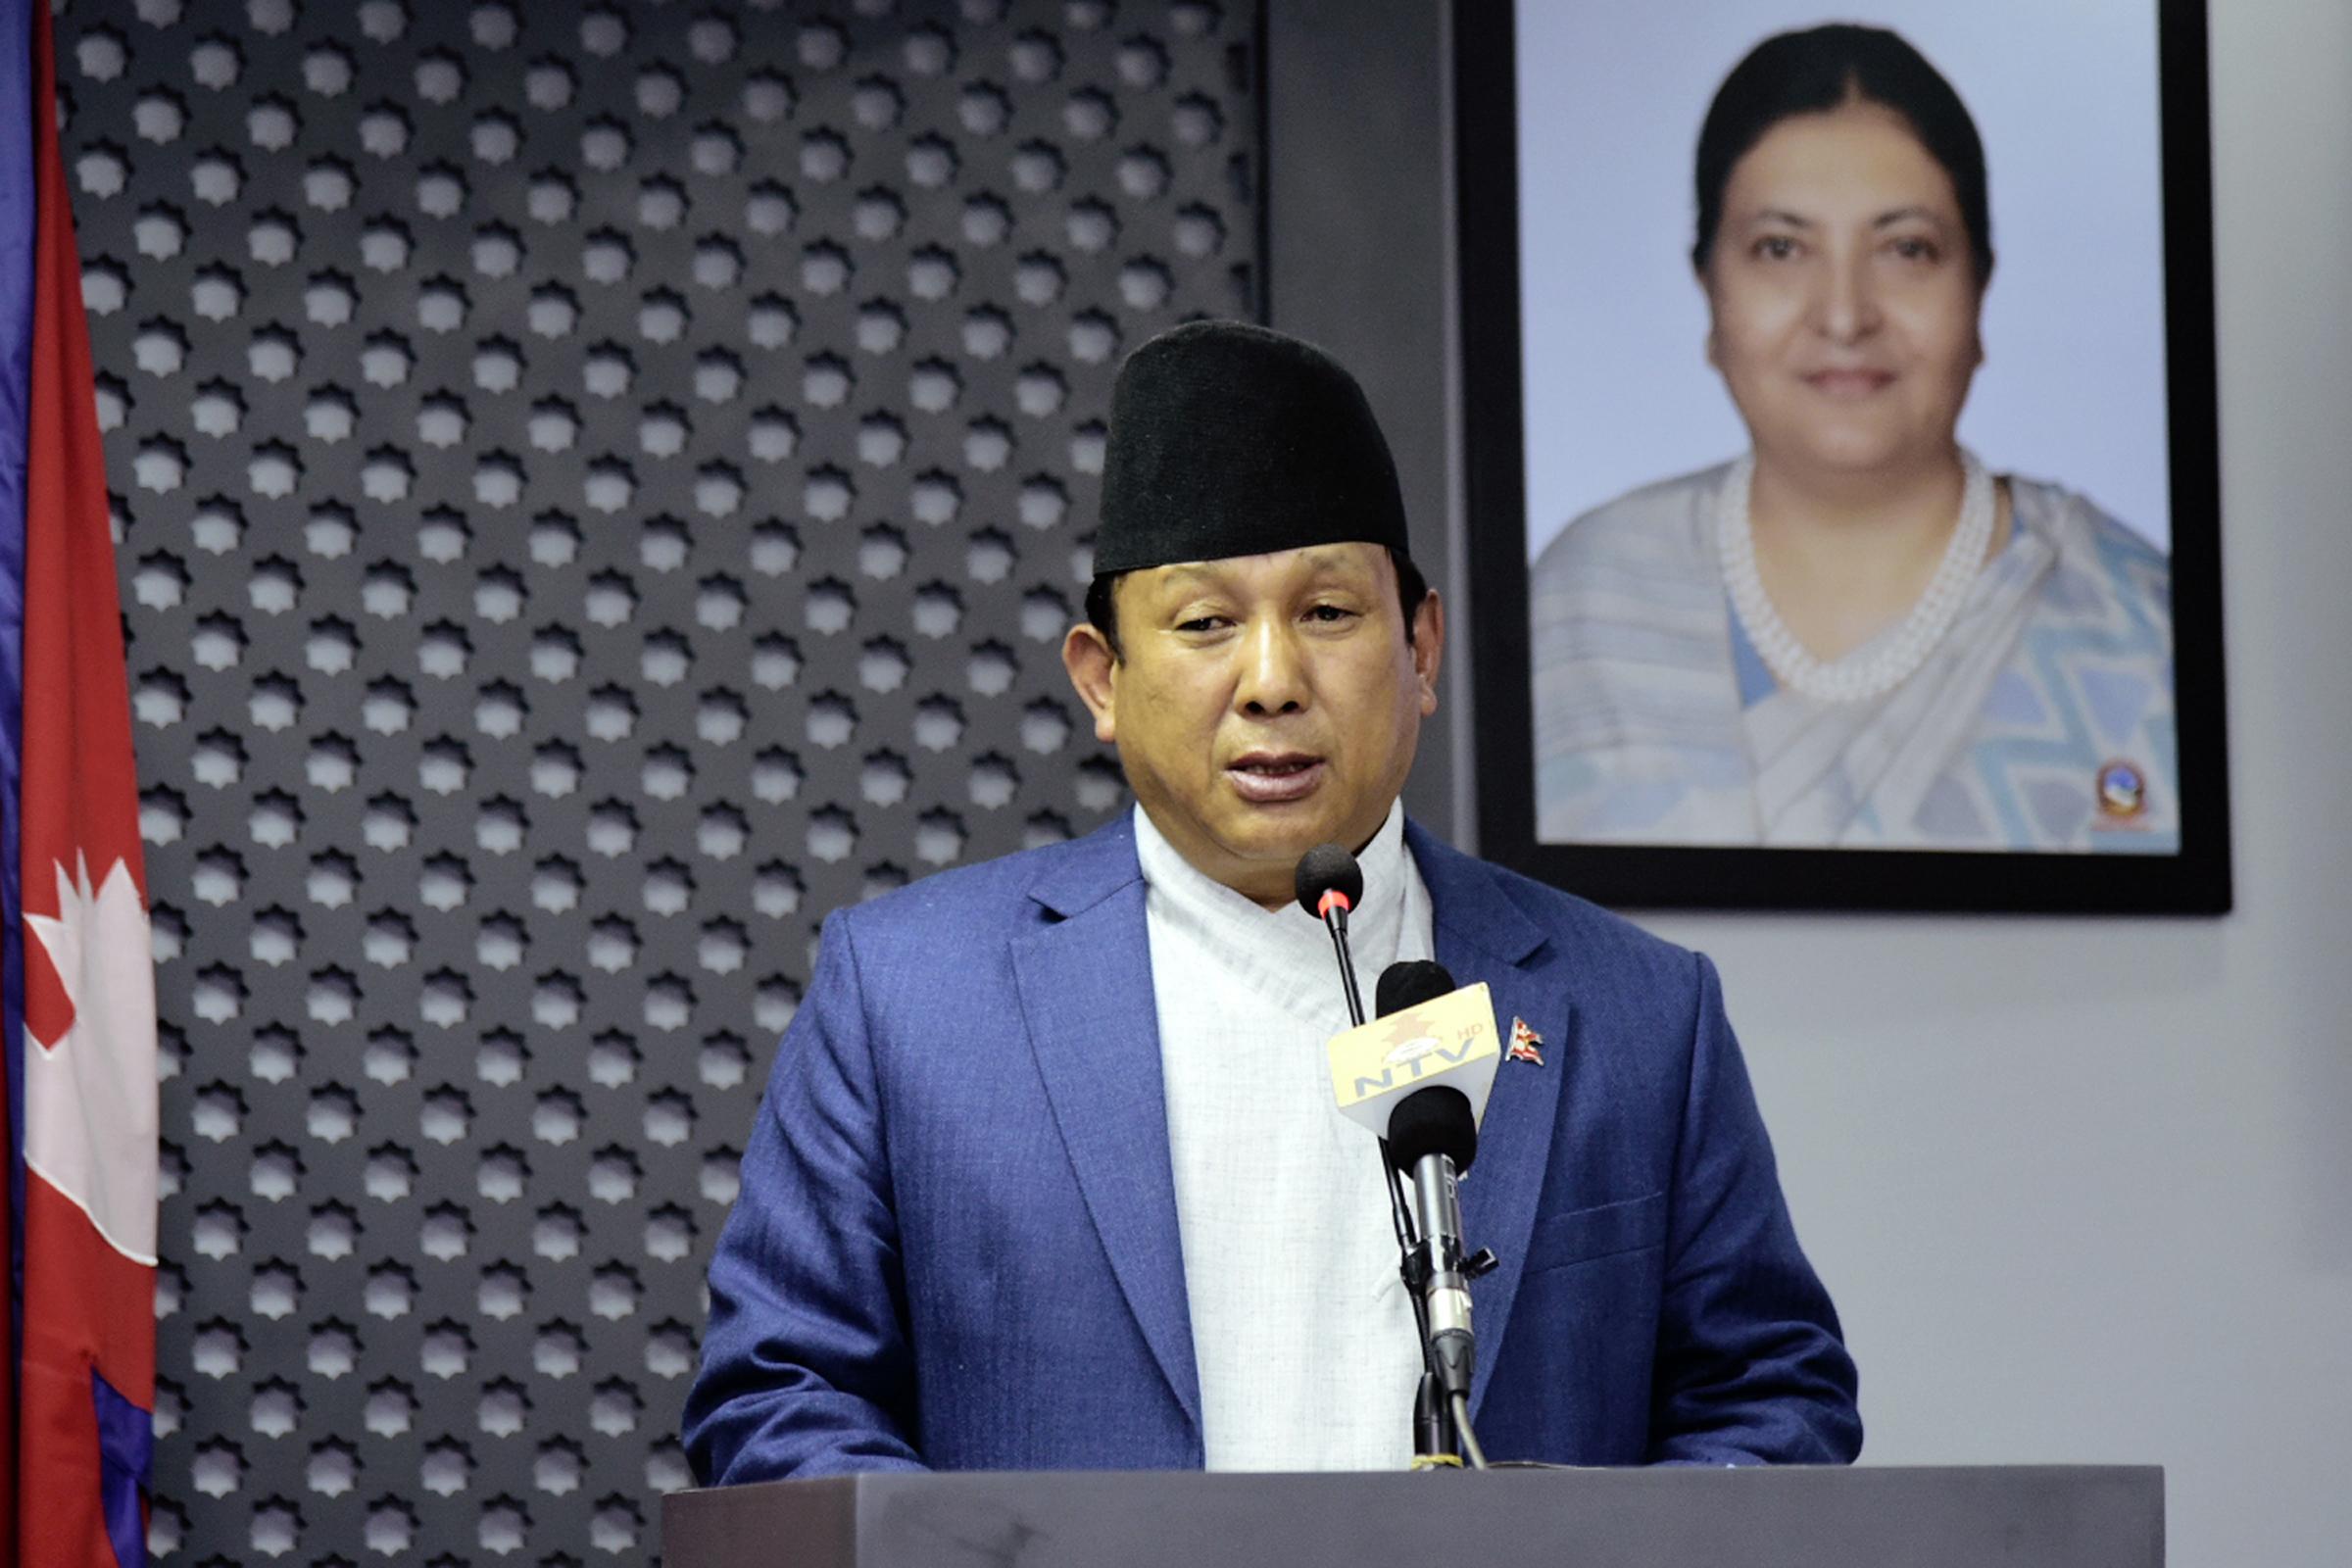 ताजा जनादेशमा जाने कुरा असंंवैधानिक हुनै सक्दैनः सञ्चारमन्त्री गुरुङ